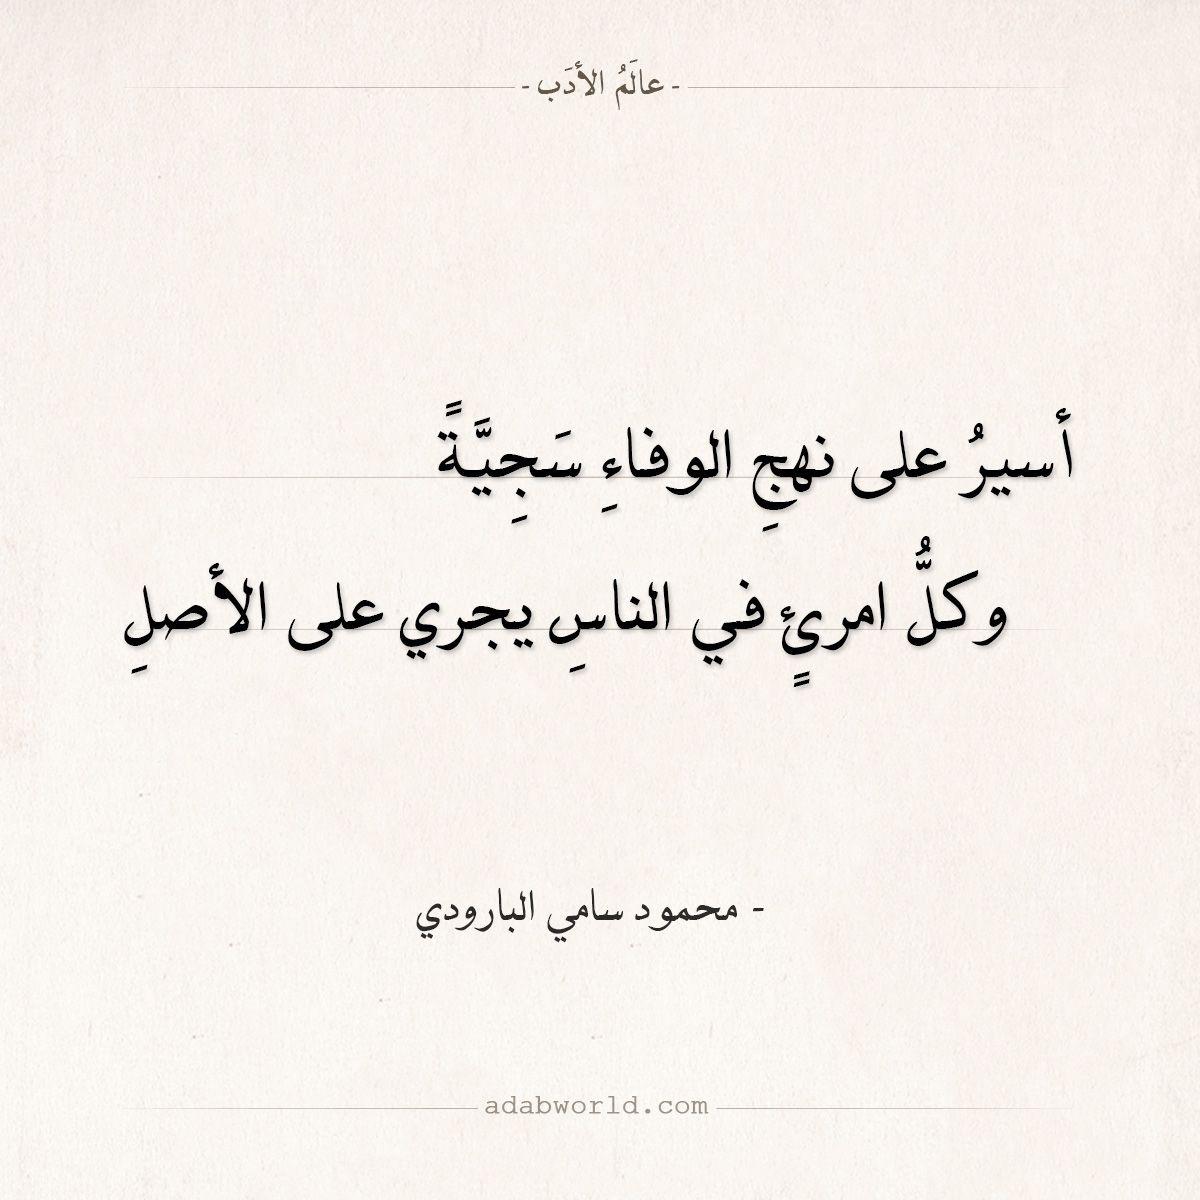 شعر محمود سامي البارودي أسير على نهج الوفاء سجية عالم الأدب Words Quotes Beautiful Arabic Words Life Quotes